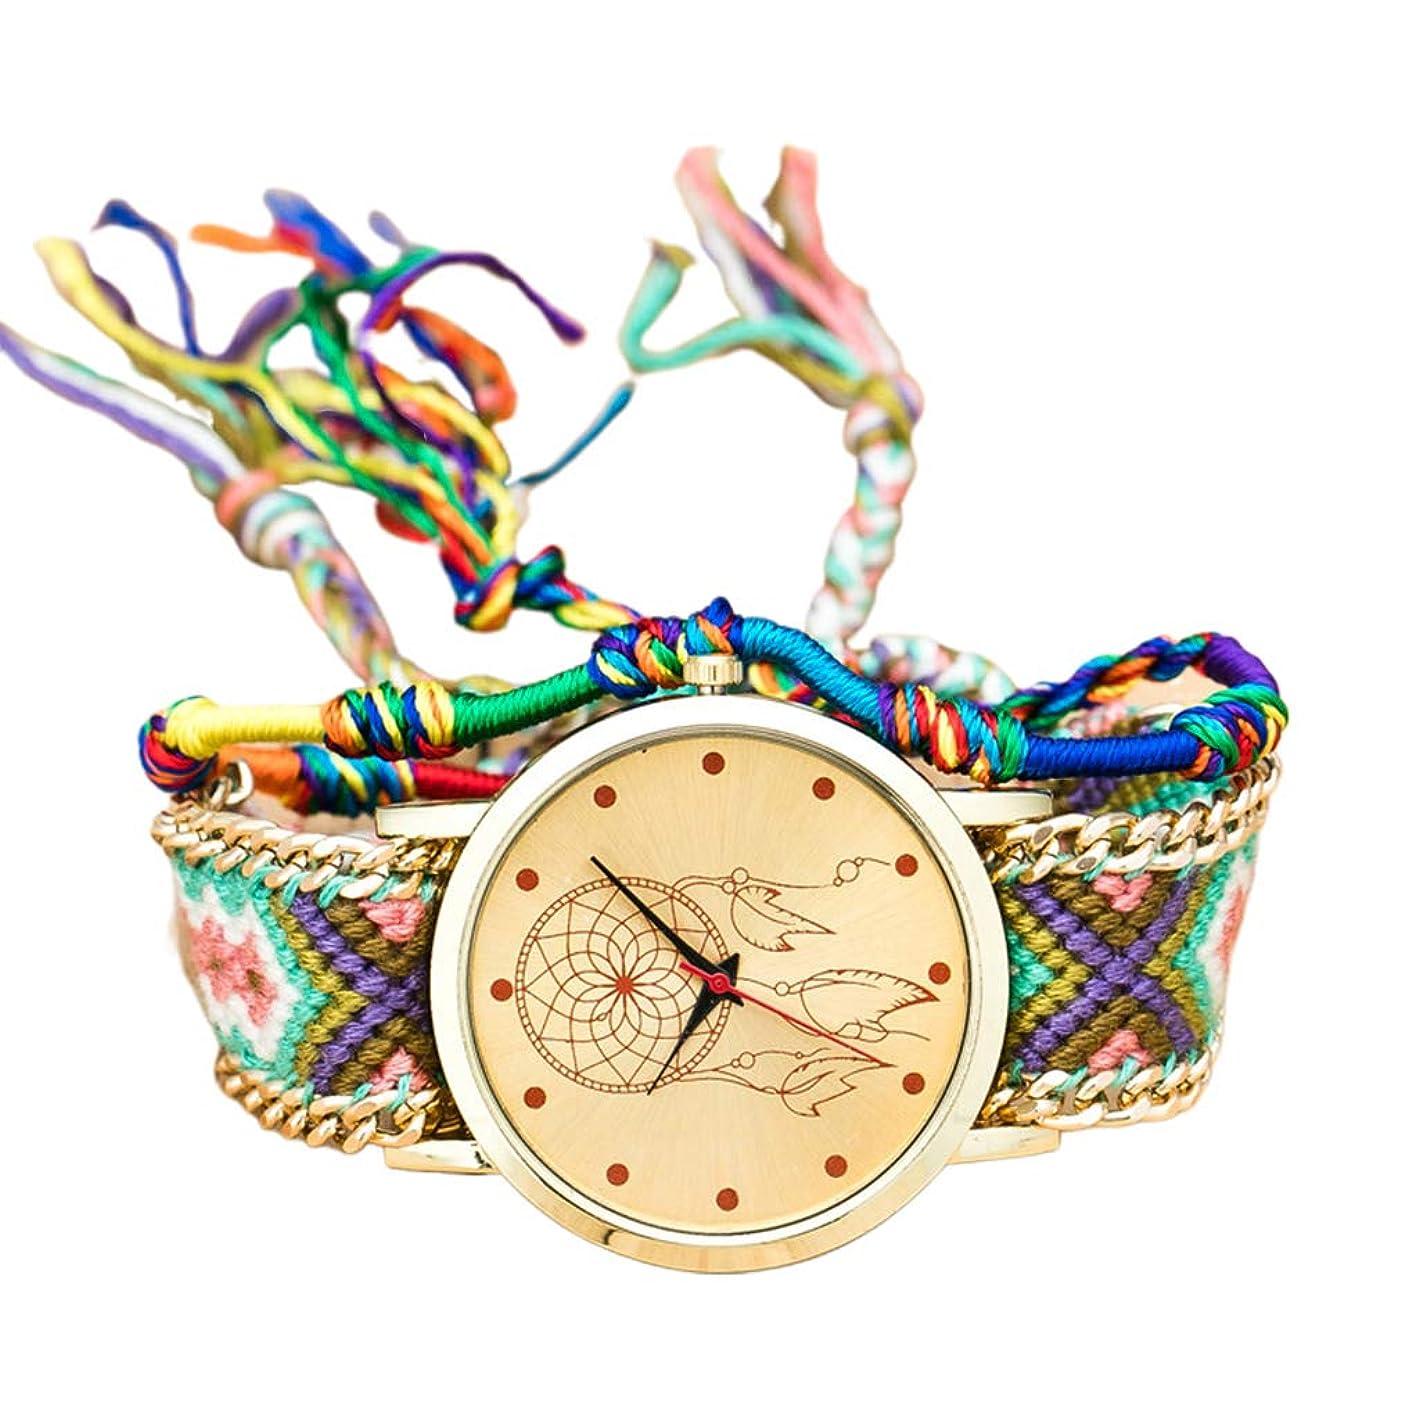 懐観点コンピューターゲームをプレイするファッションエスニックスタイルの女性と女性の織り時計新しい民族織りベルトクォーツブレスレット腕時計2D